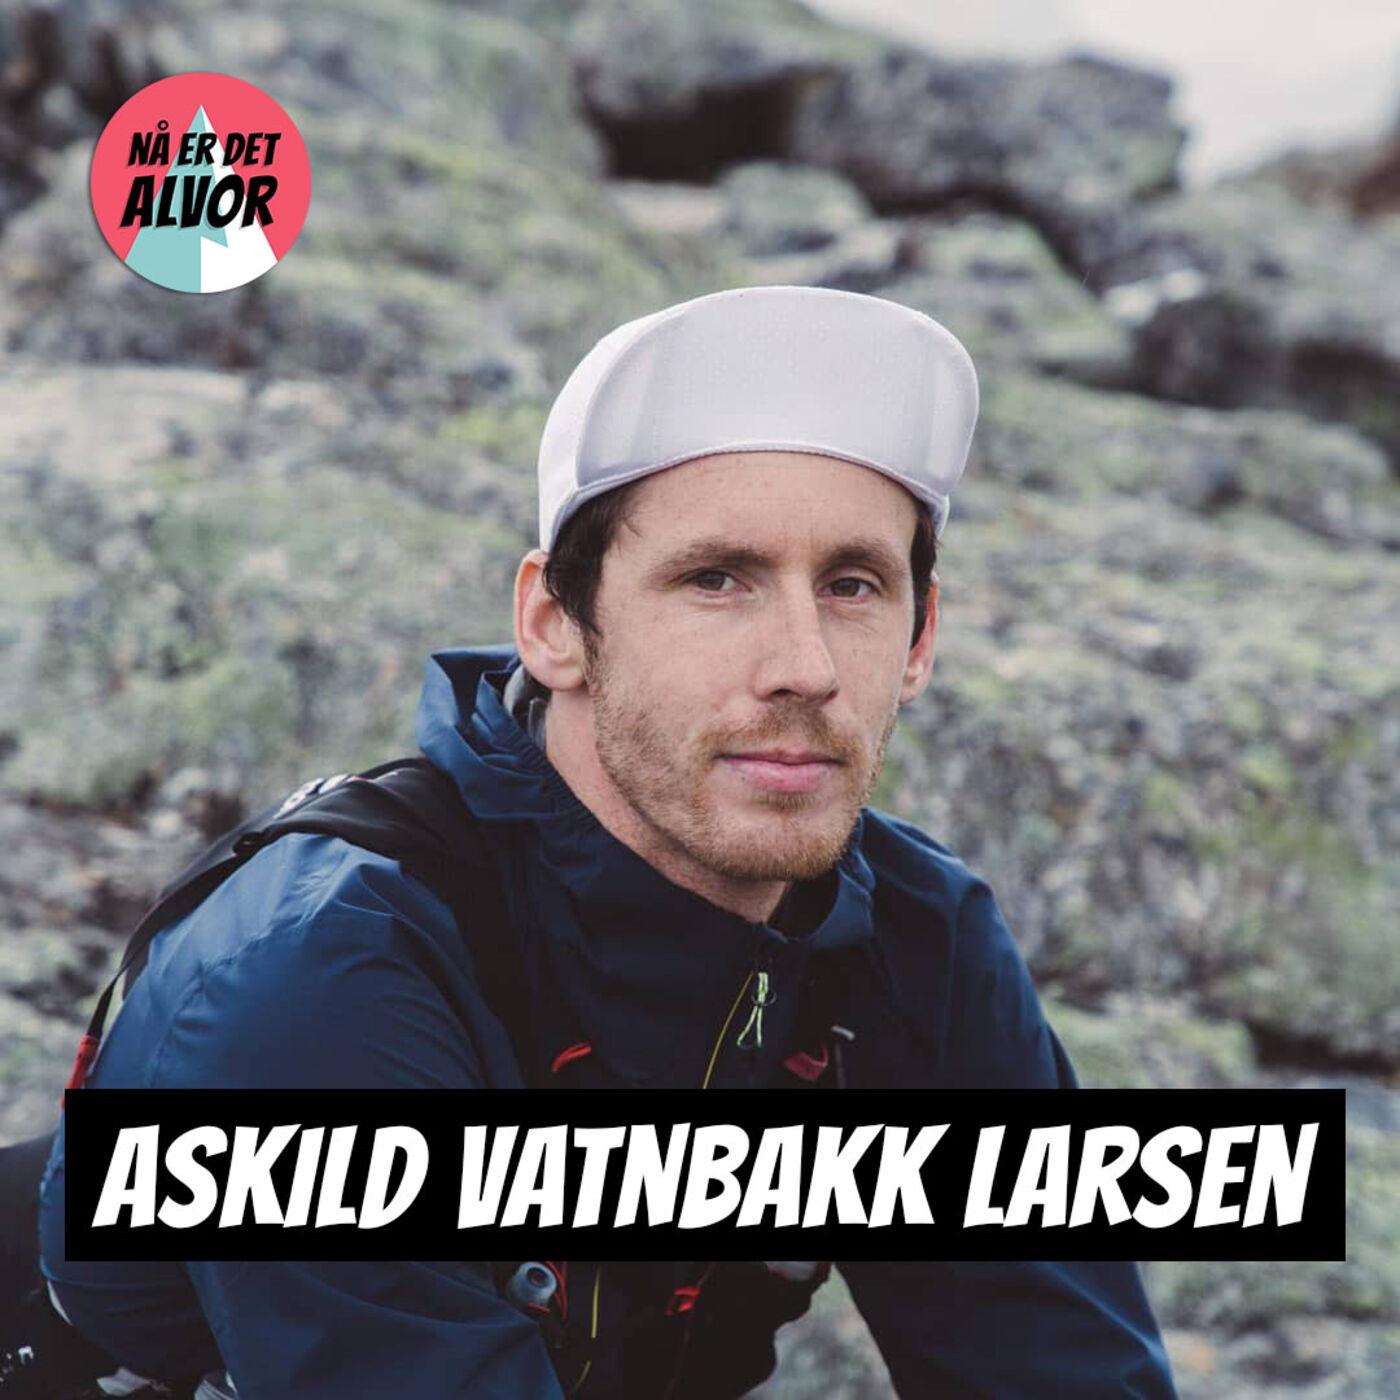 #131 - Askild Vatnbakk Larsen   Wattmåling For Terreng/Ultra-løpere, HRV, Dingsebomser, Patreon Q&A, Treningssnakk, Skadeoppdatering +++